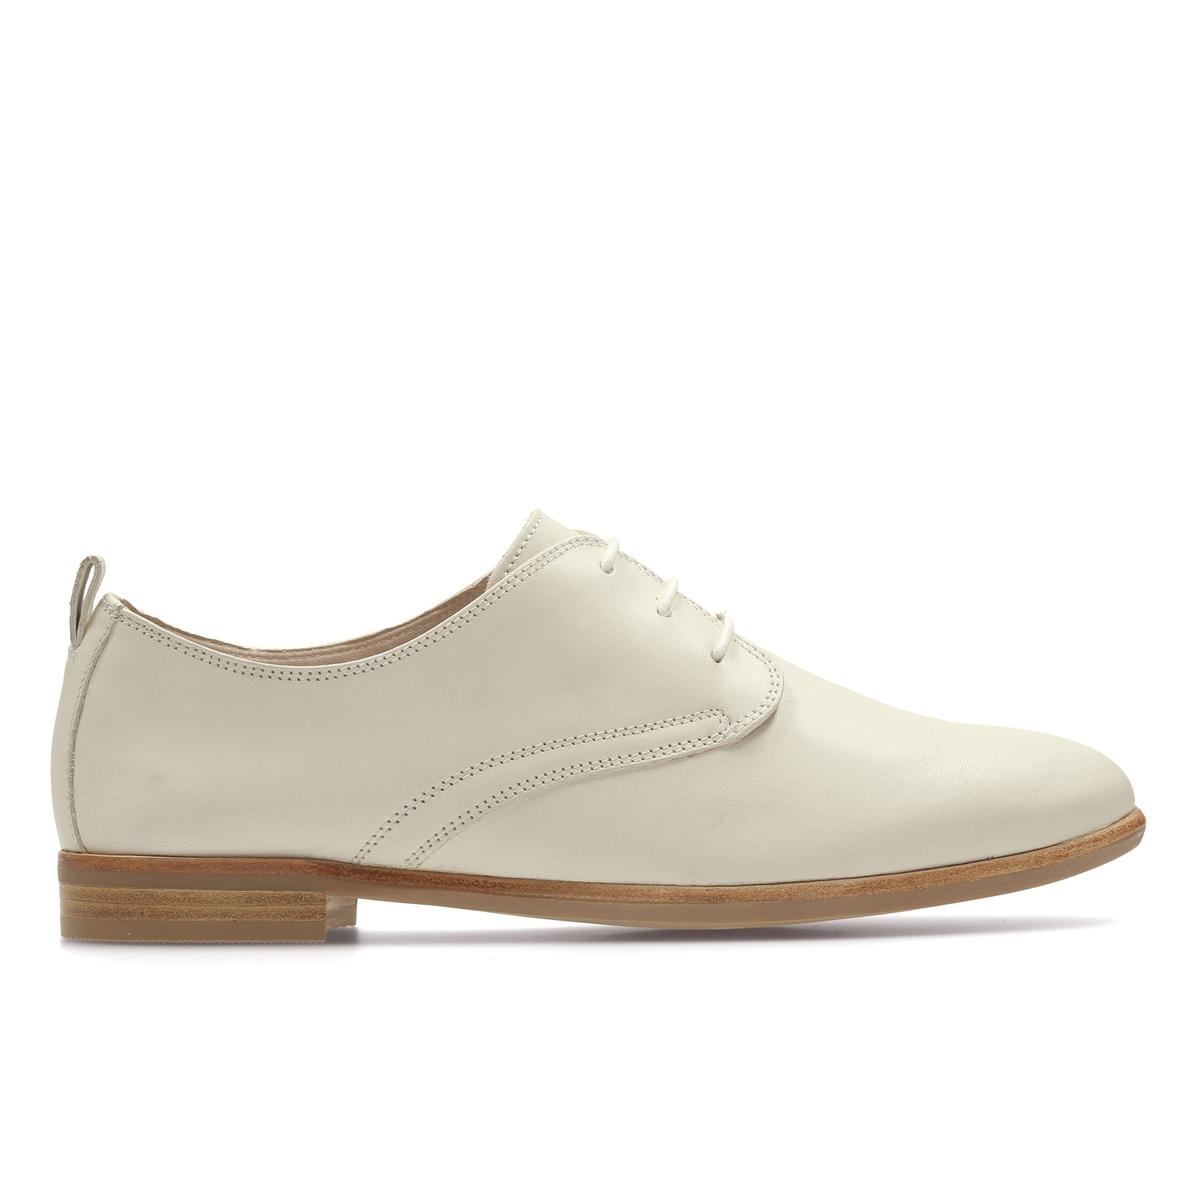 Ботинки-дерби кожаные Alania PoseyВерх : Кожа.   Подкладка : Кожа.   Стелька : Кожа.   Подошва : Каучук   Высота каблука : 2 см.   Форма каблука : плоский каблук   Мысок : закругленный   Застежка : Шнуровка<br><br>Цвет: белый